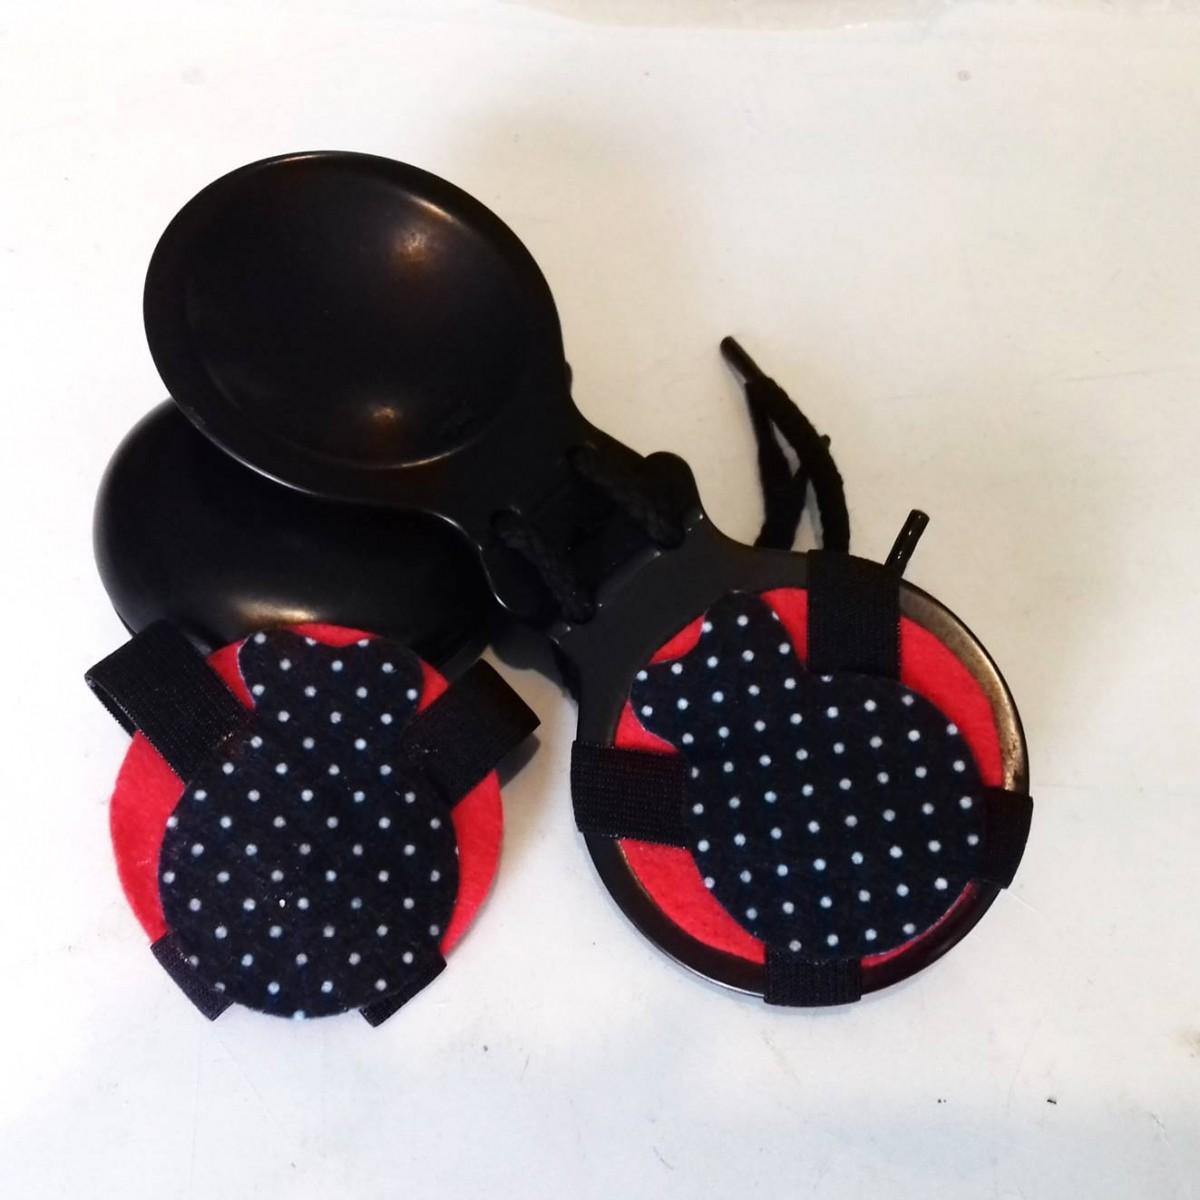 SURDINA de castanholas flamenco abafador som